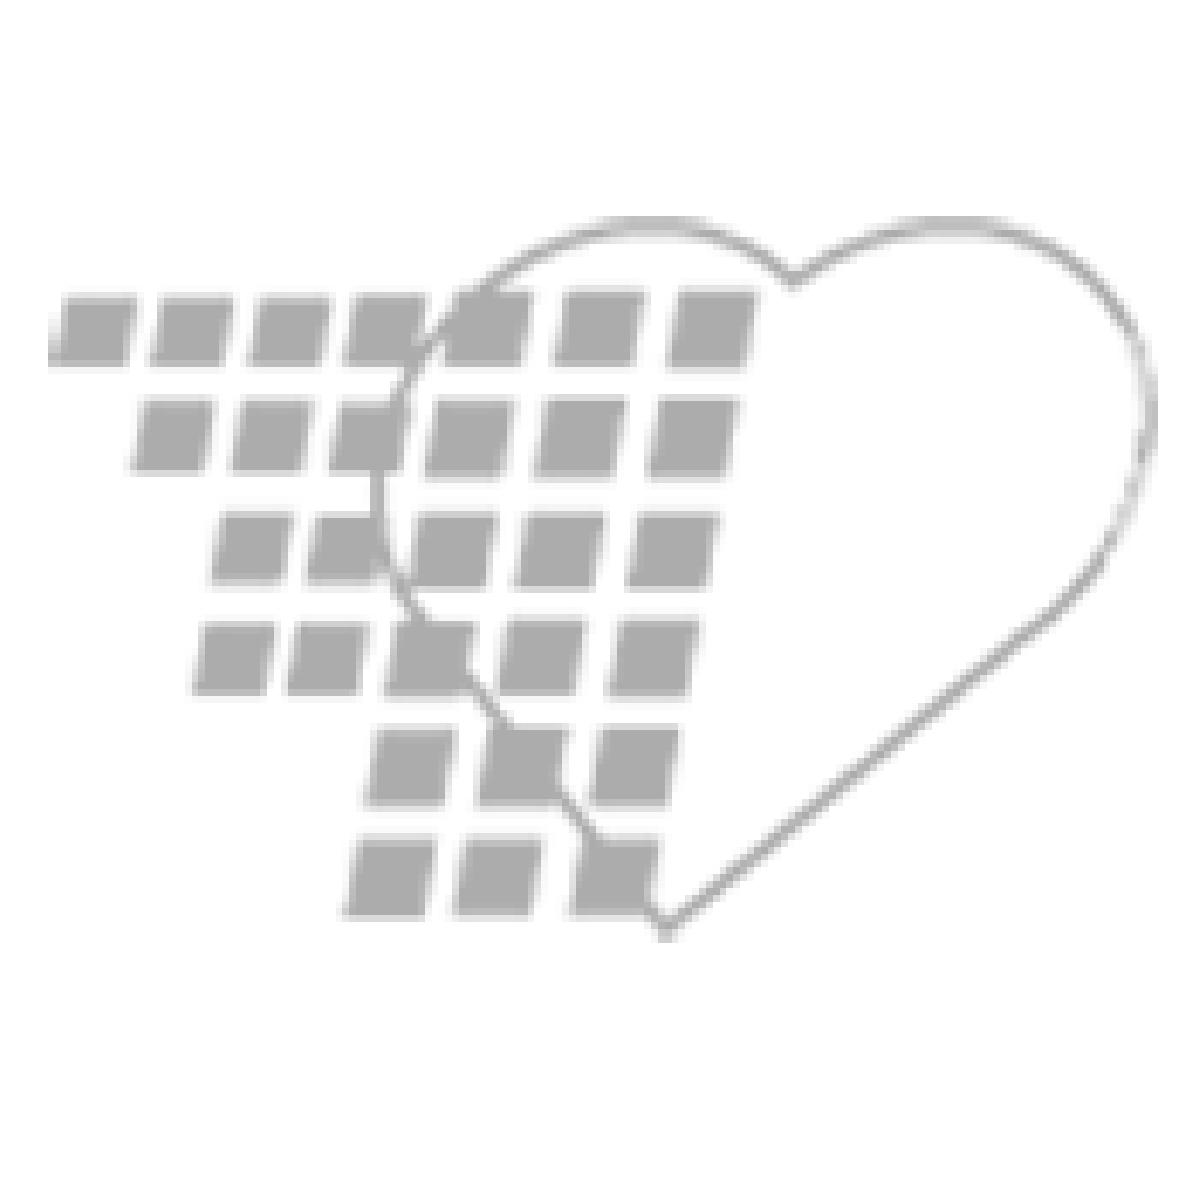 06-82-8071 Baxter Vial-Mate Adapter